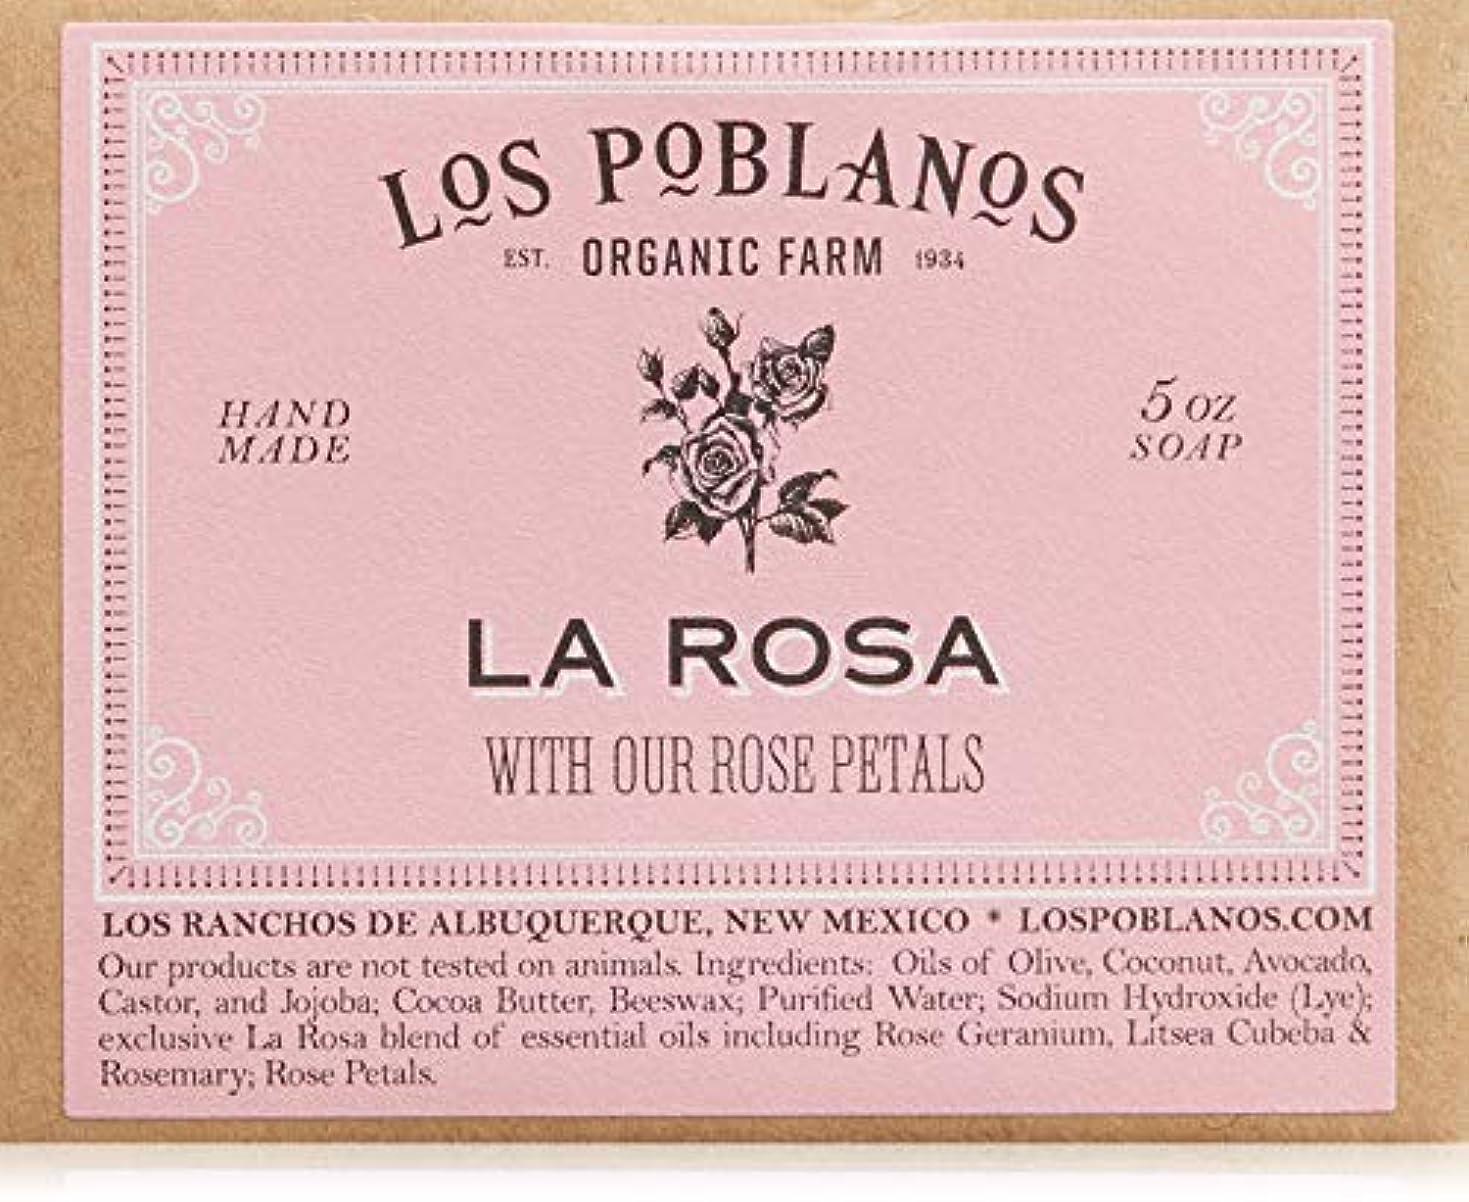 タンパク質感謝祭体系的にLOS POBLANOS(ロス ポブラノス) ラ ロッサ 130g